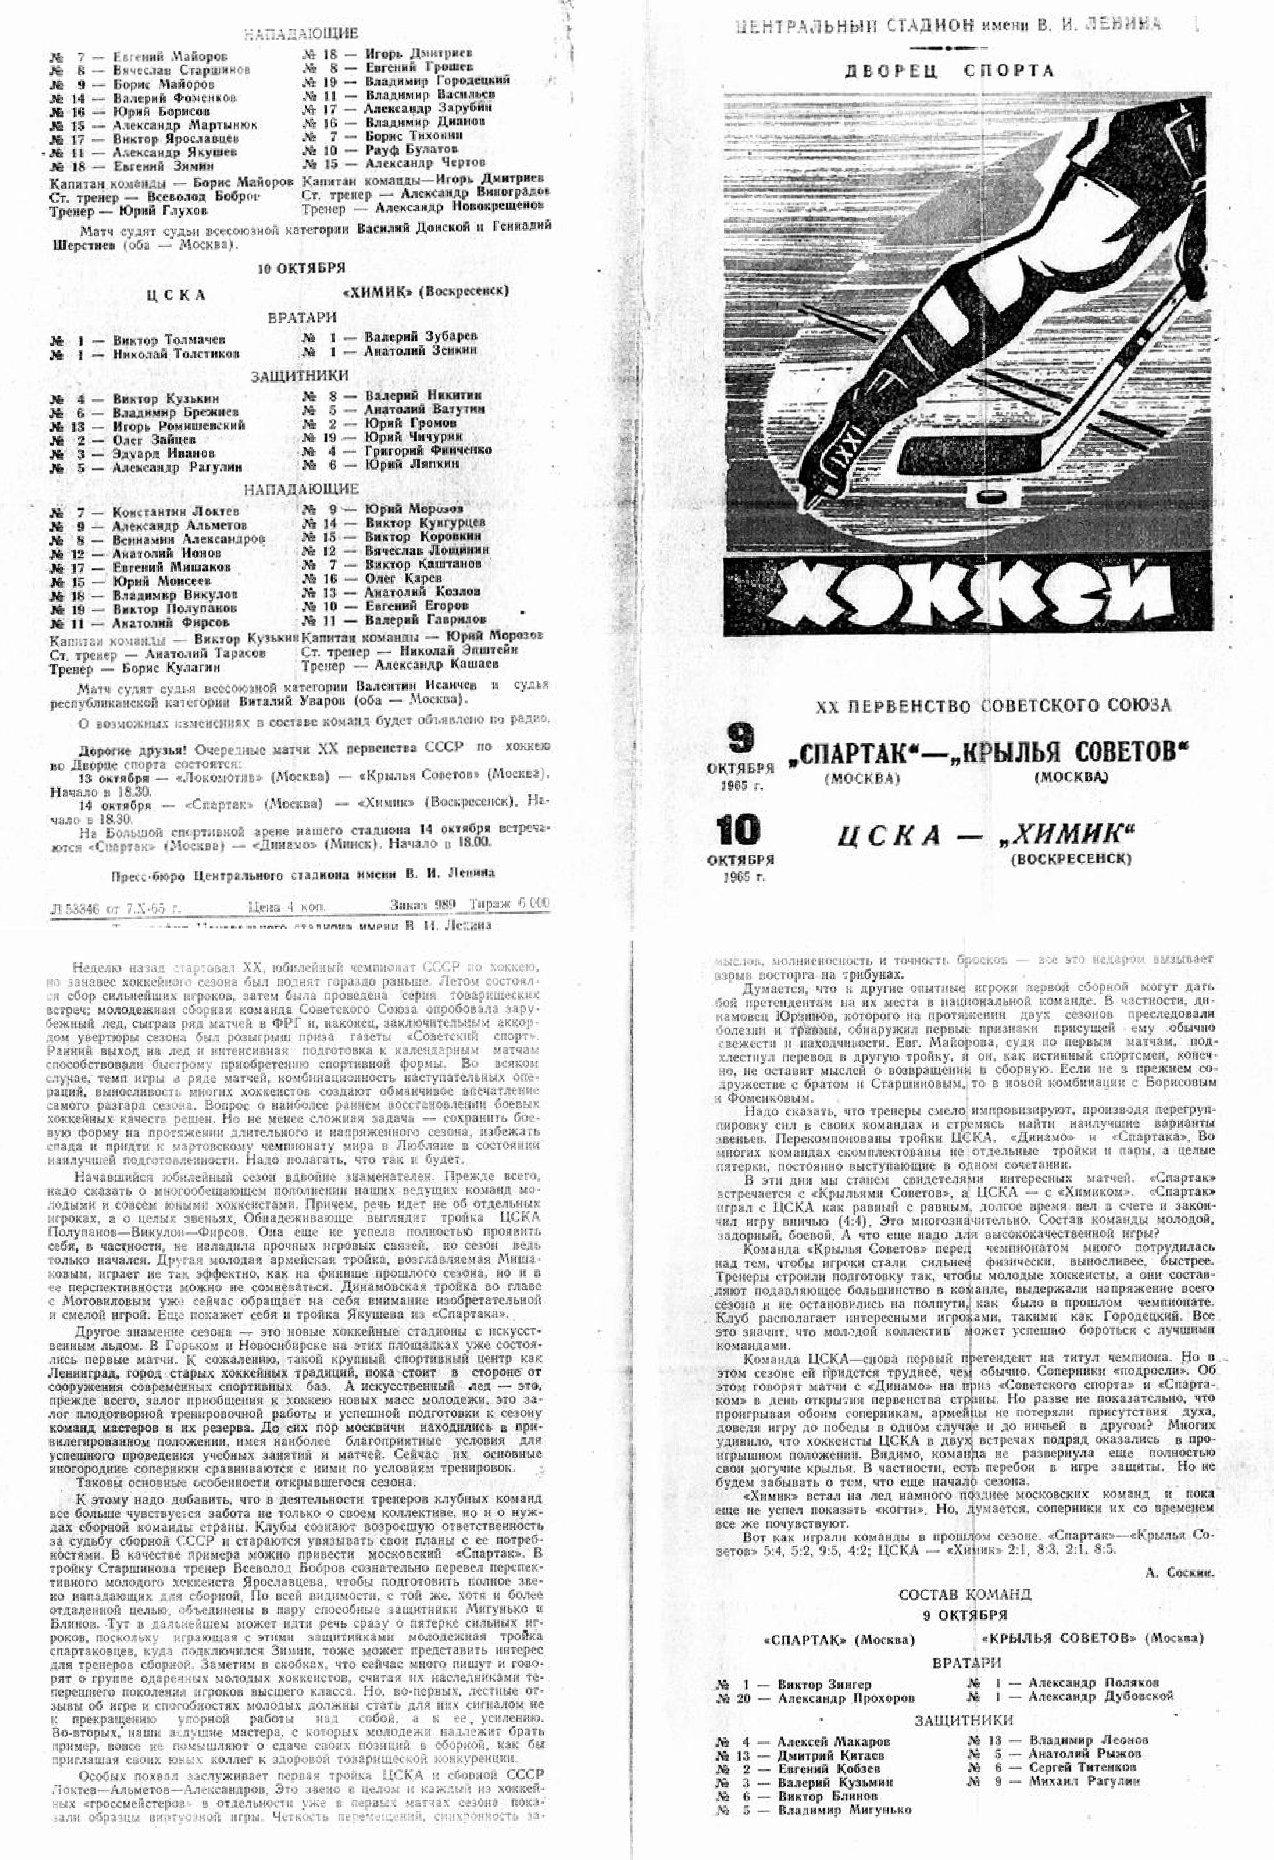 сезон 1965-1966 программки-5.jpg